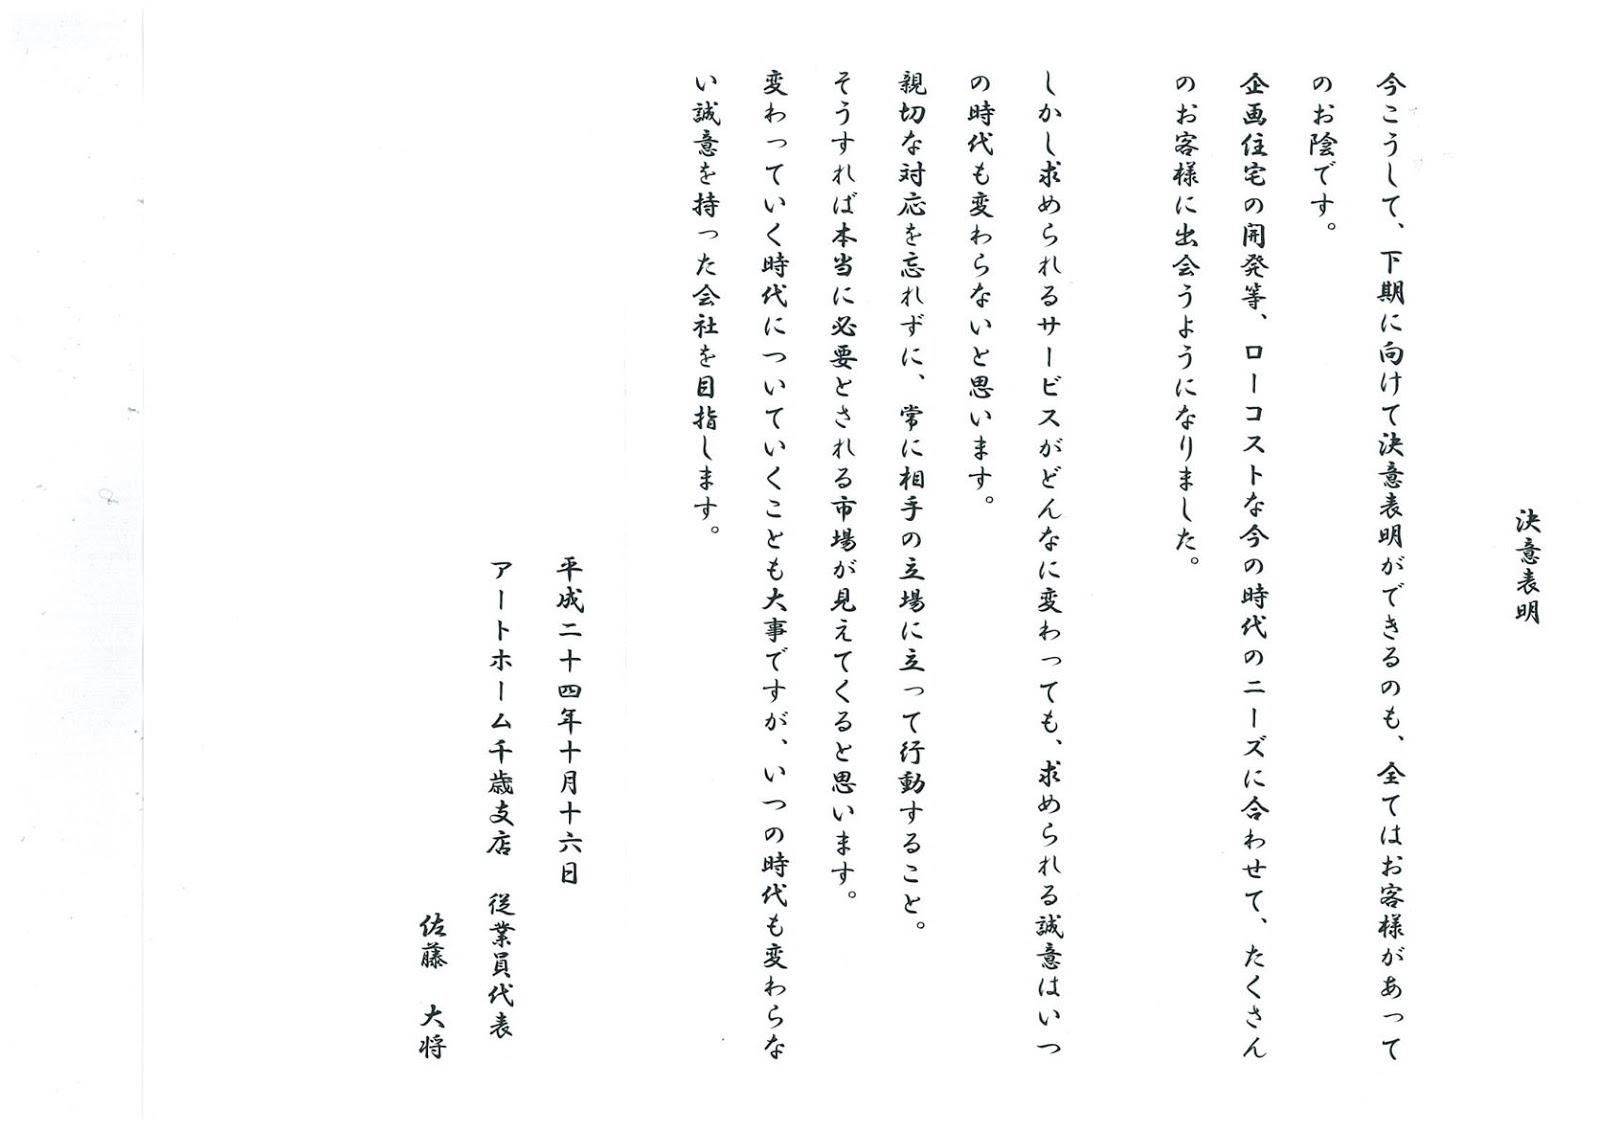 arthomeblog: 2012/10 : 一年生で習う漢字 テスト : 一年生